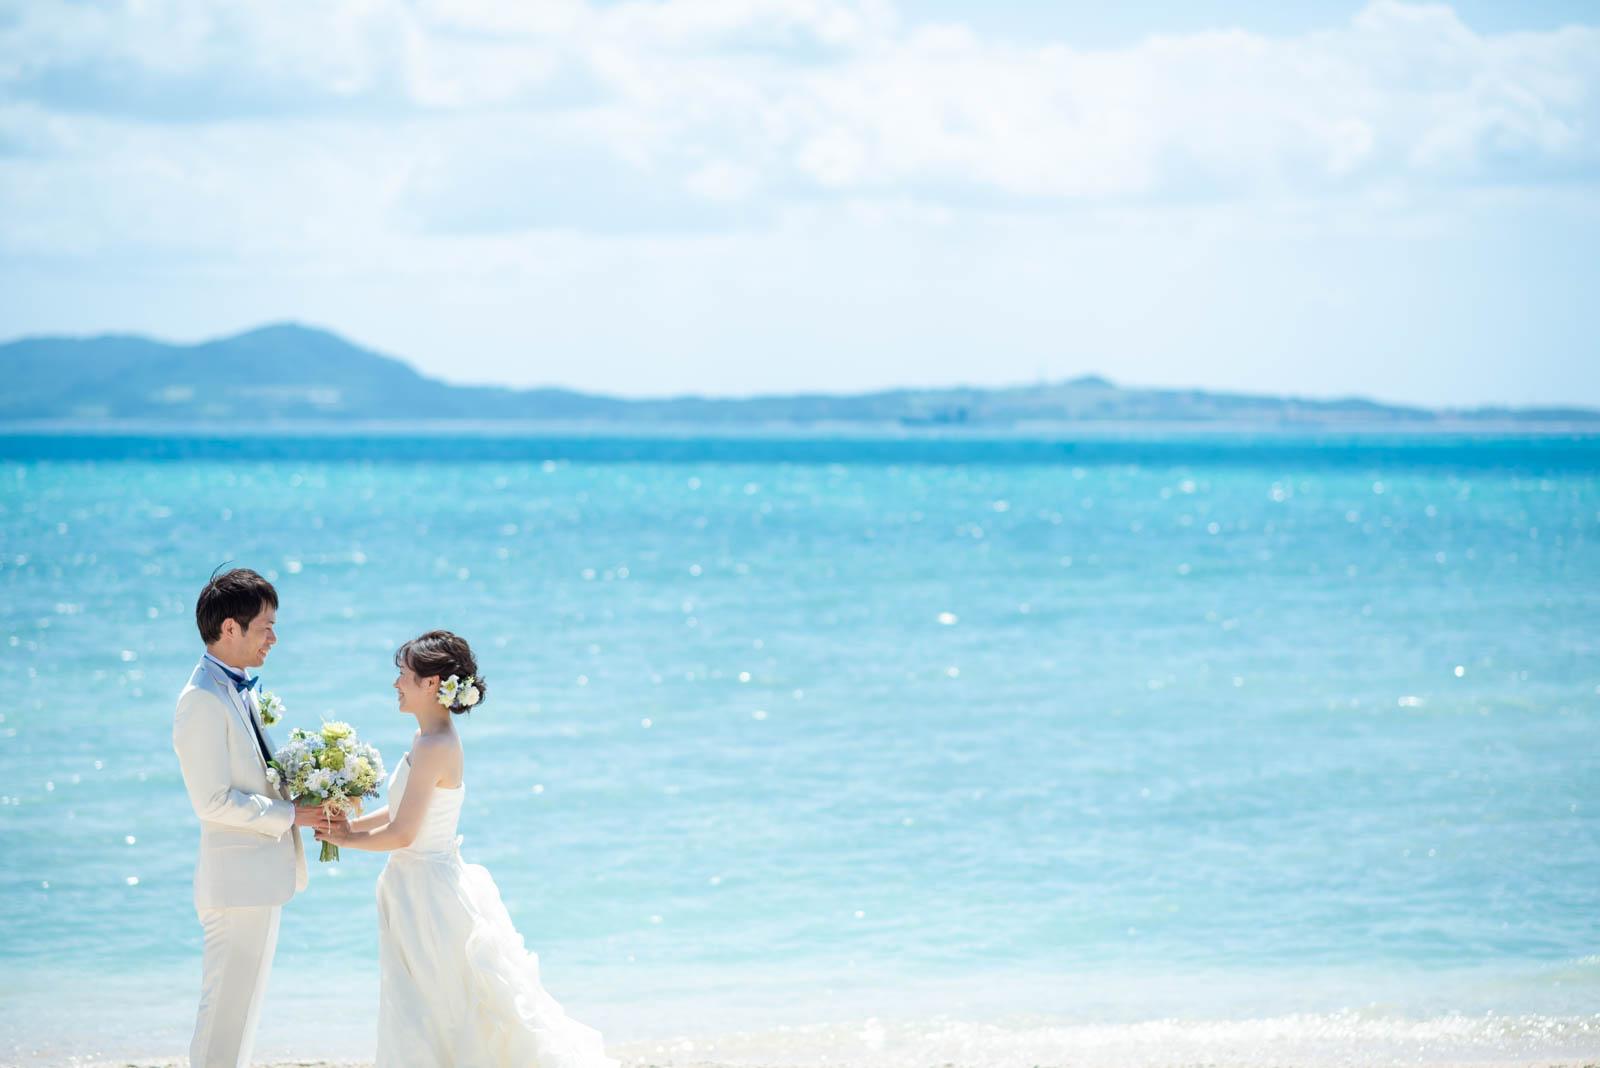 石垣島でビーチウェディング